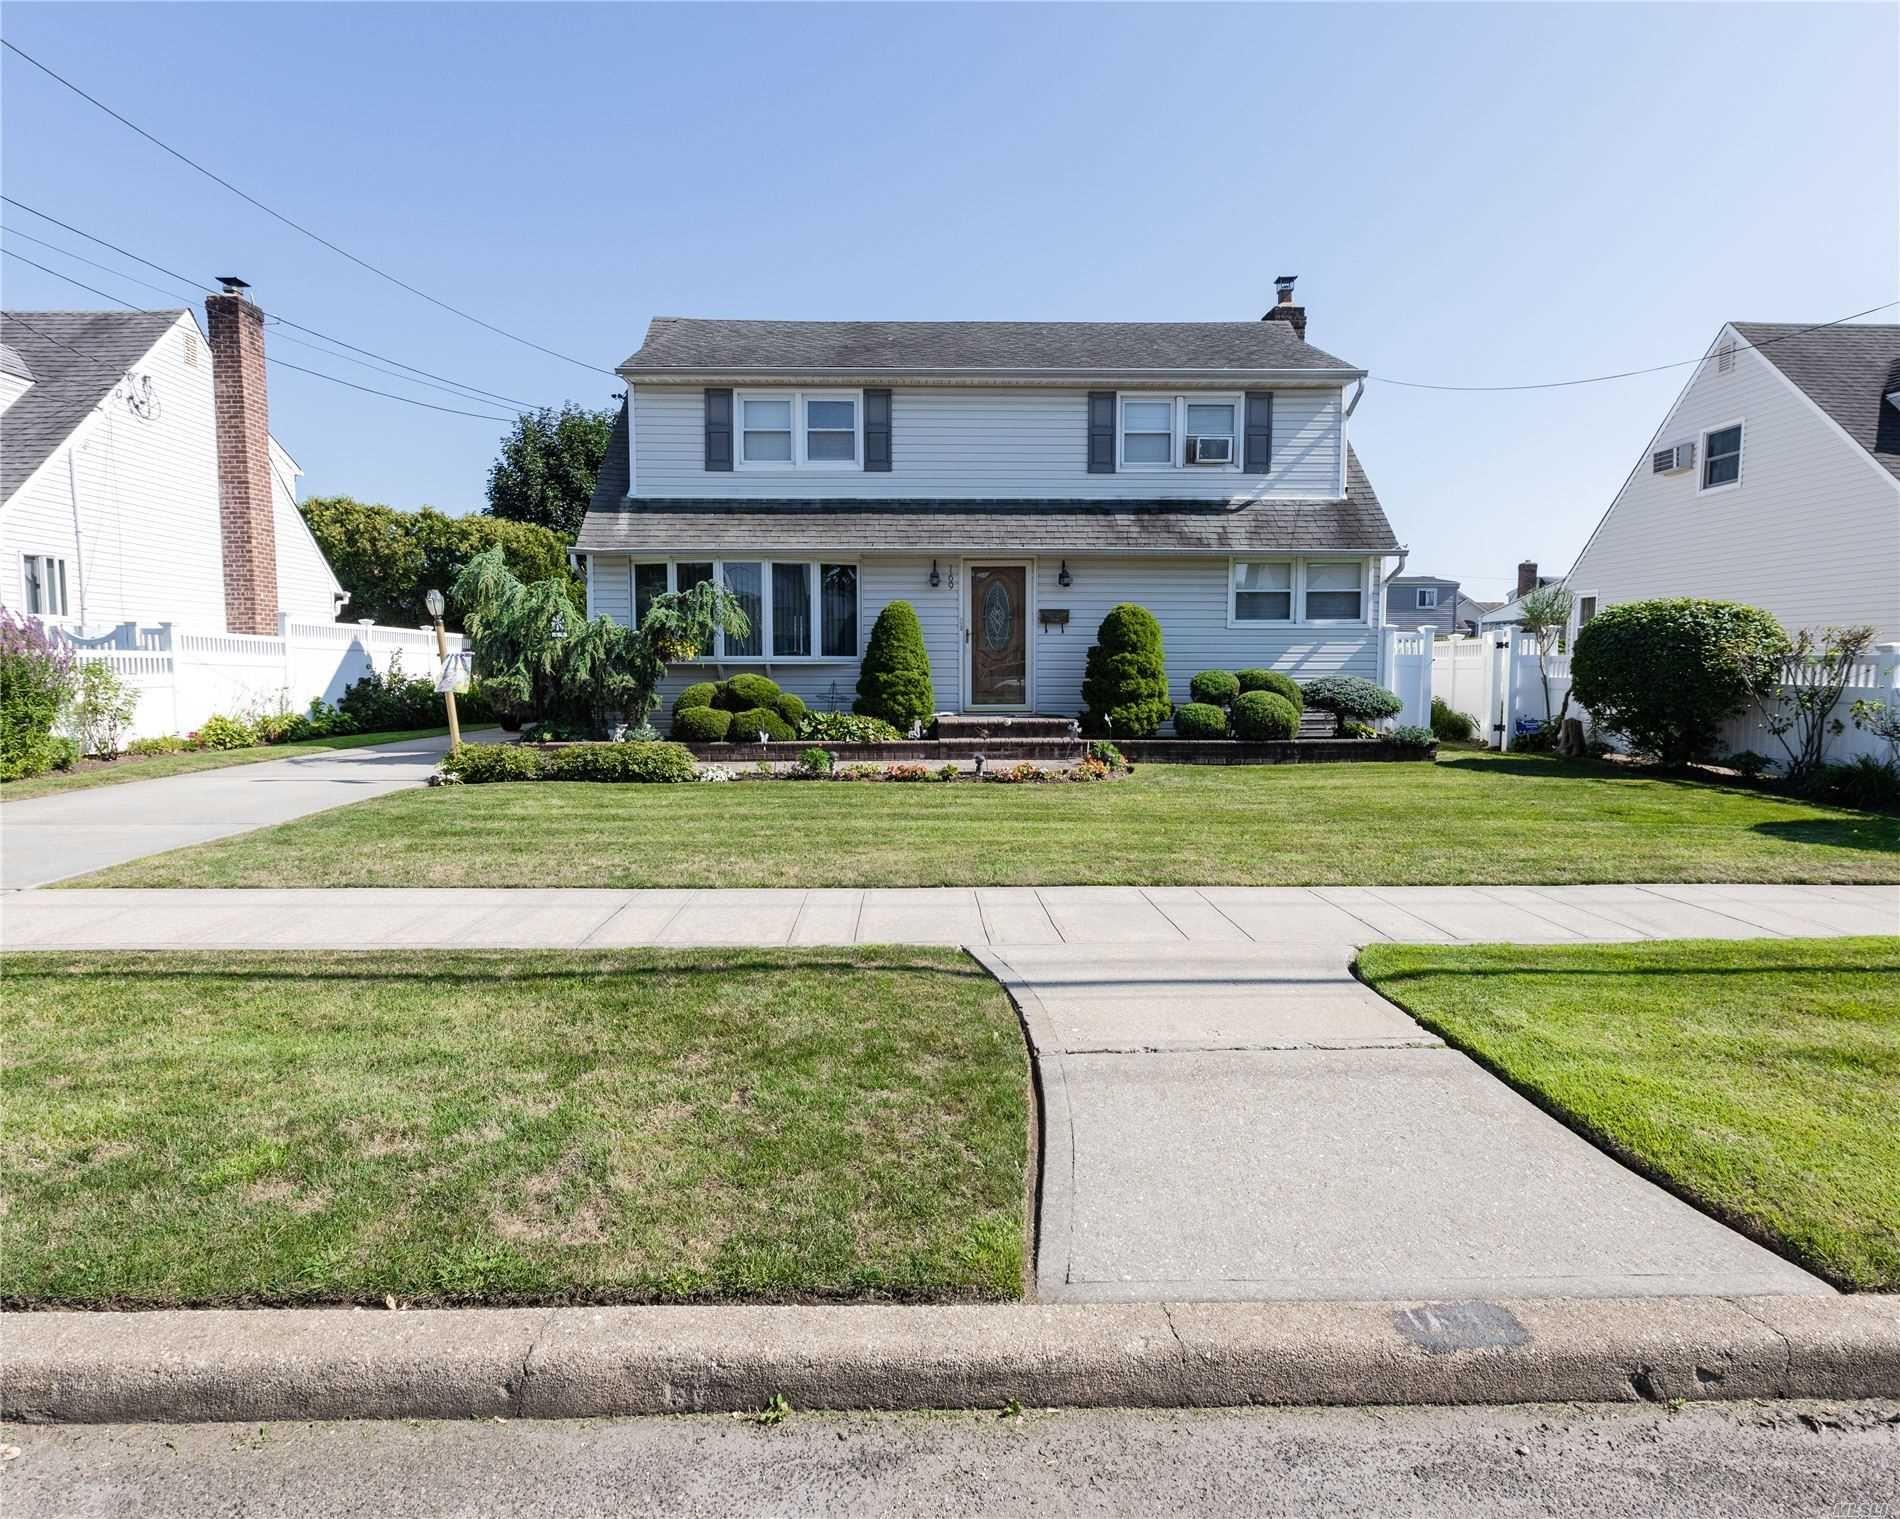 169 7th Street, Hicksville, NY 11801 - MLS#: 3237808